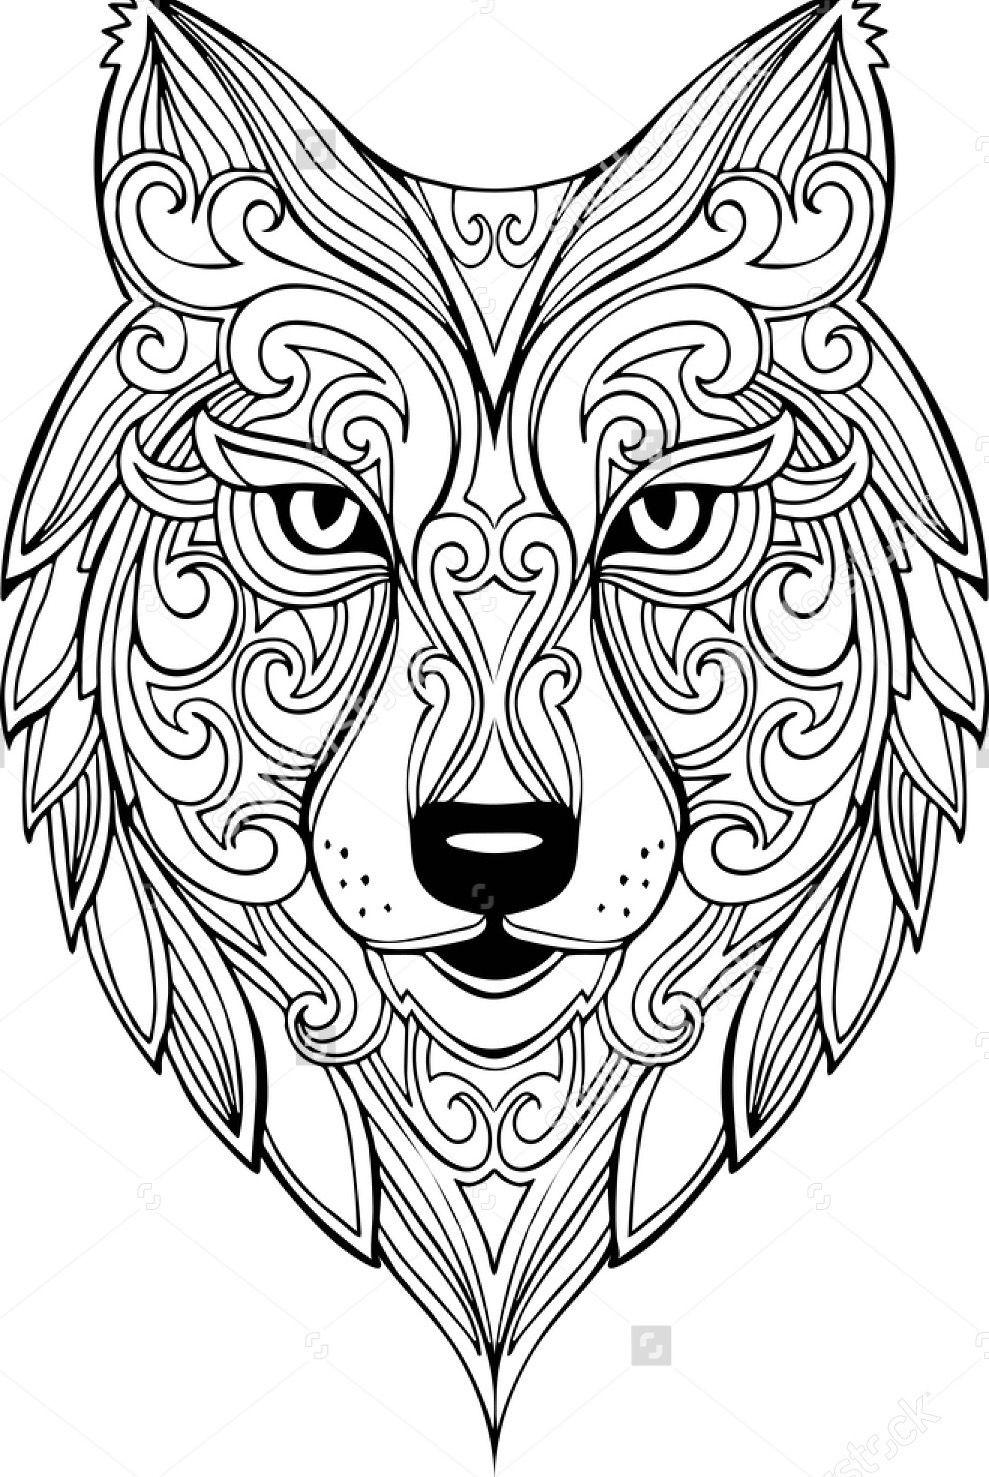 pin van paula op tattoo ideas  mandala kleurplaten